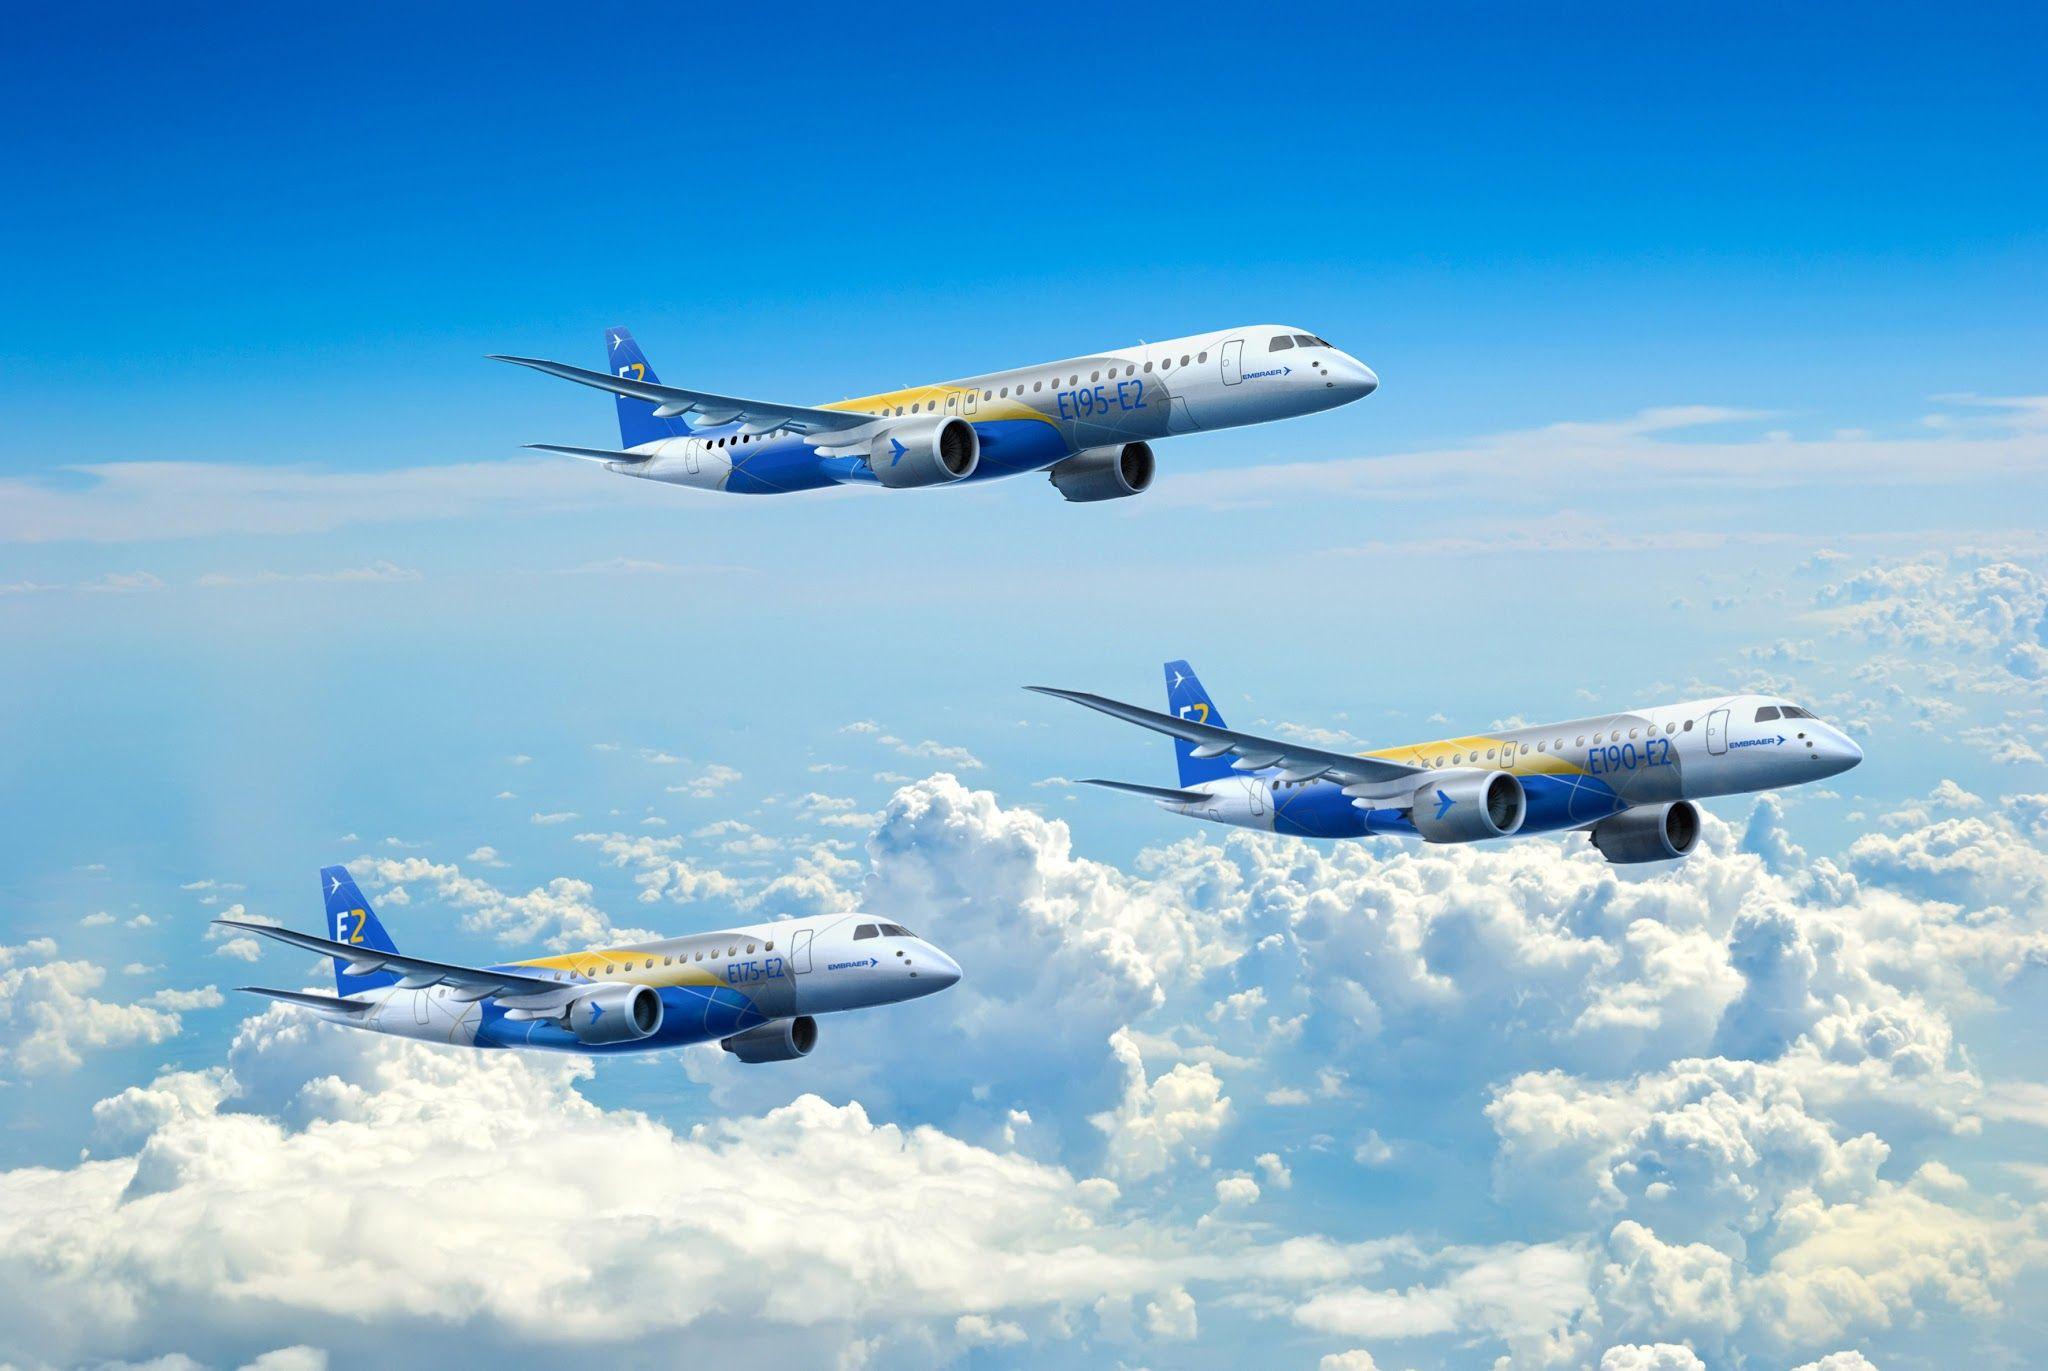 Embraer prevê 1.570 novos jatos na região da Ásia-Pacífico nos próximos 20 anos.